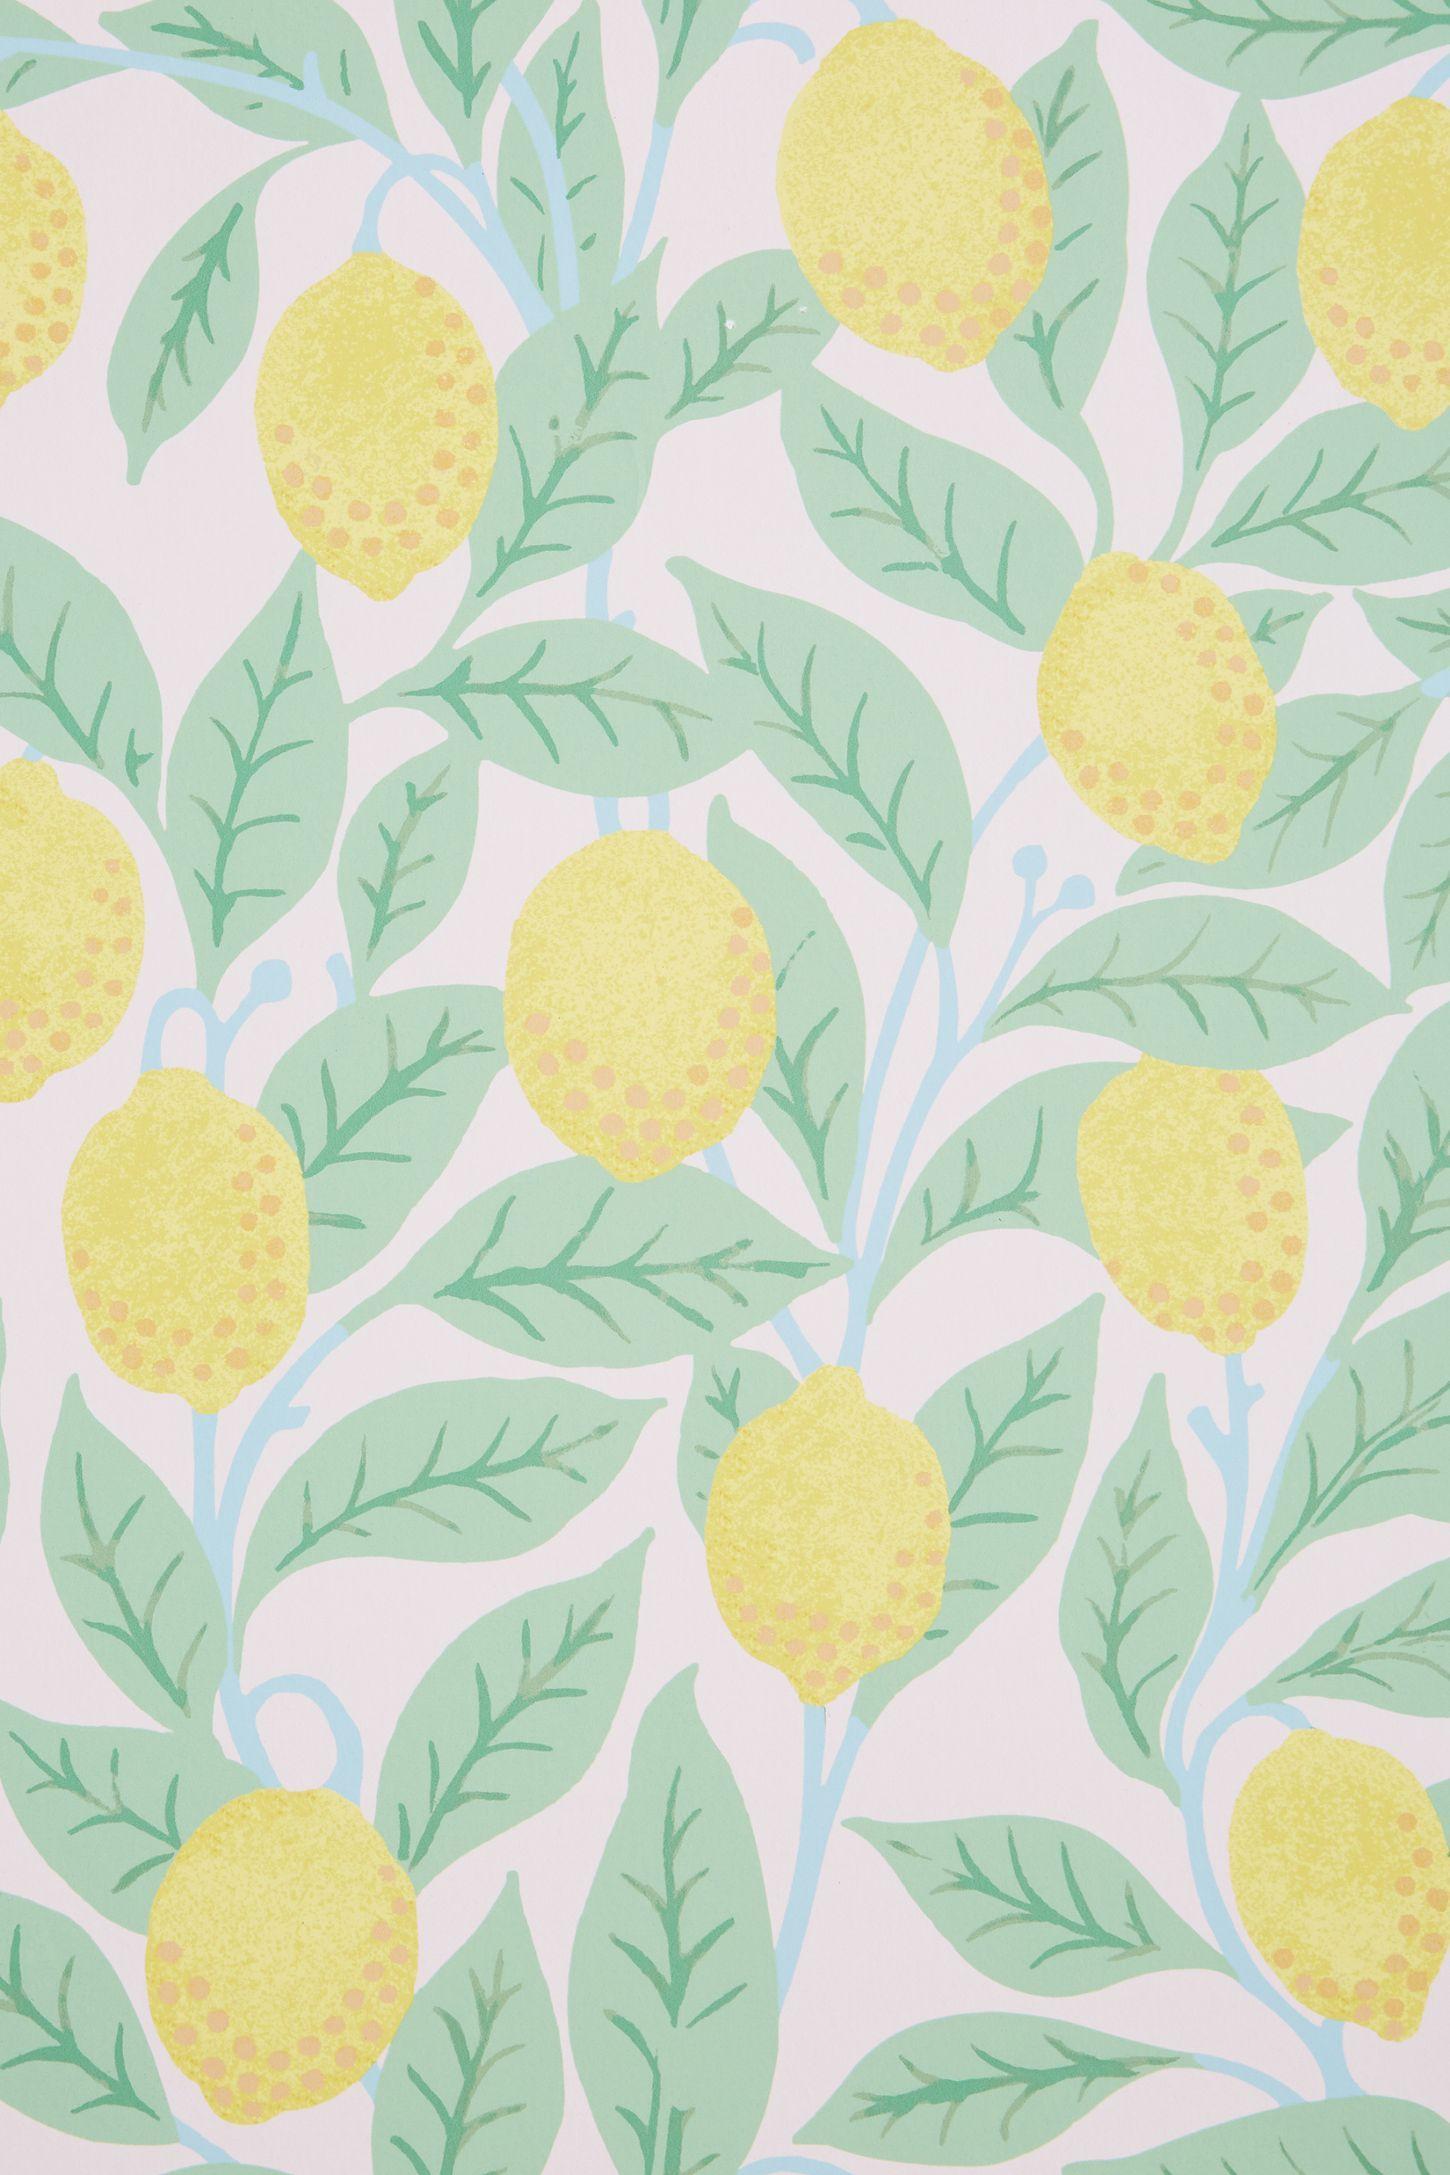 Lemons Wallpaper by Anthropologie in Blue, Wall Decor in